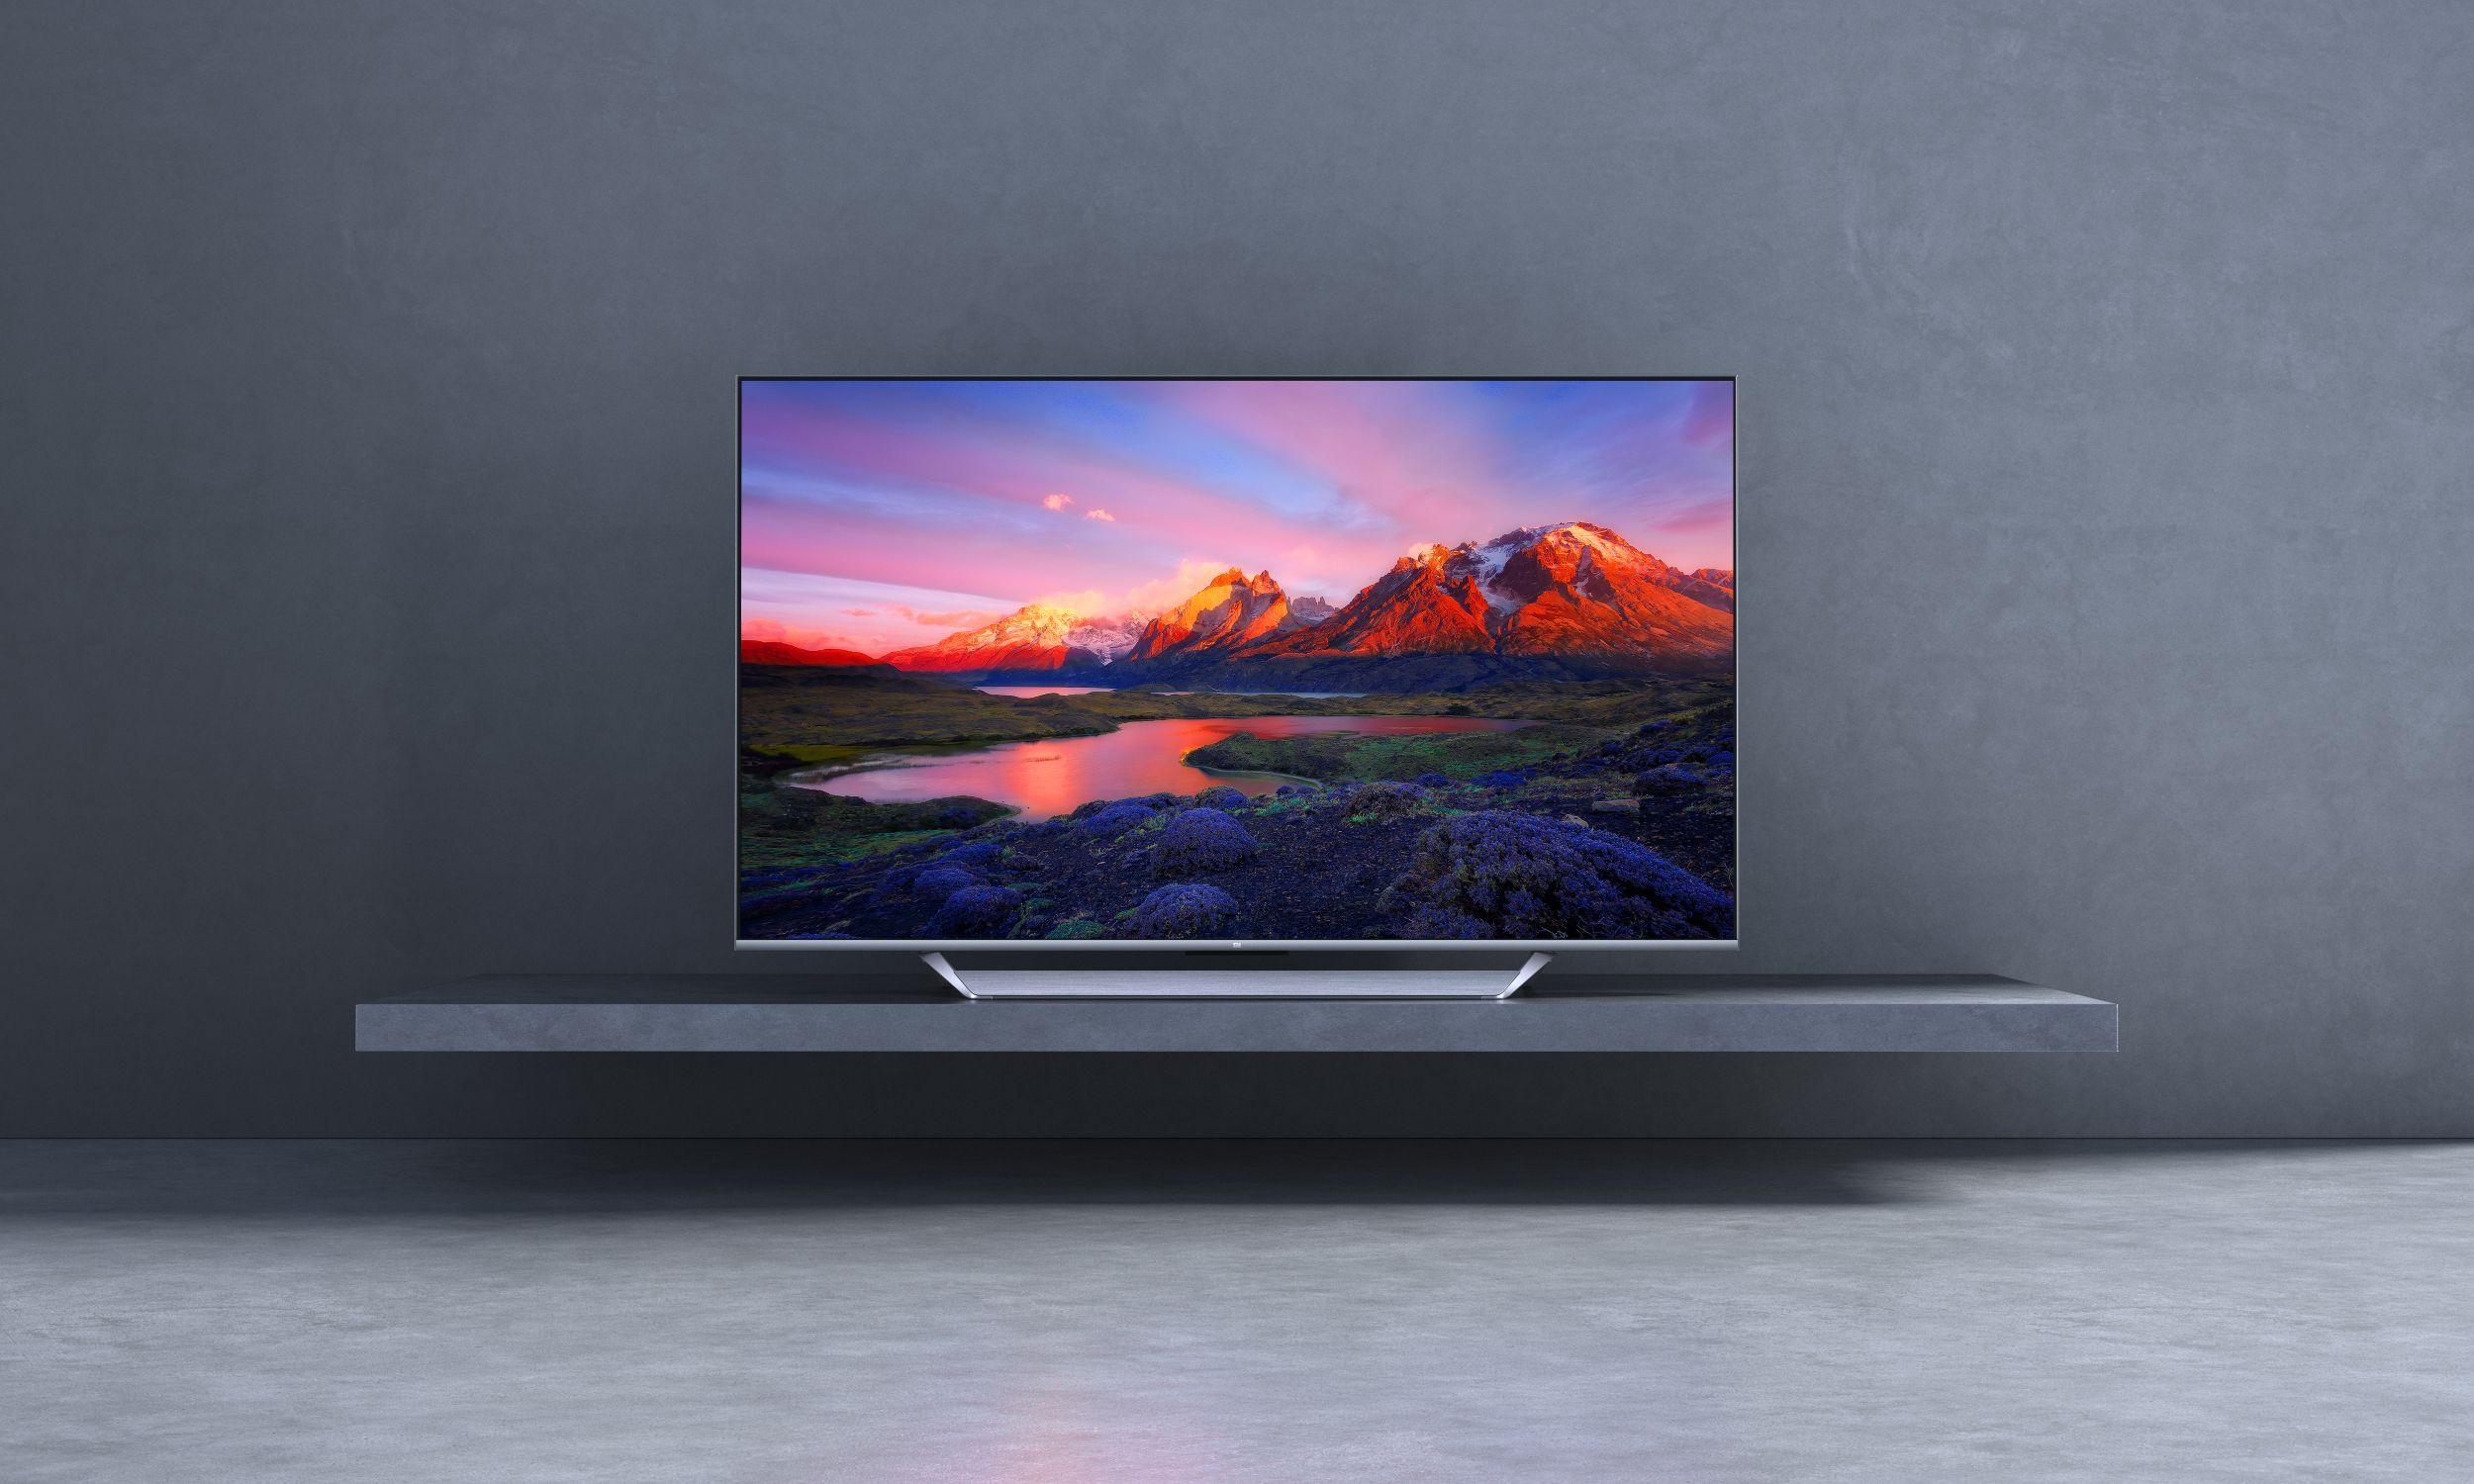 شیائومی از یک تلویزیون اندرویدی ۷۵ اینچی QLED با قیمت ۱۵۰۰ دلار رونمایی کرد